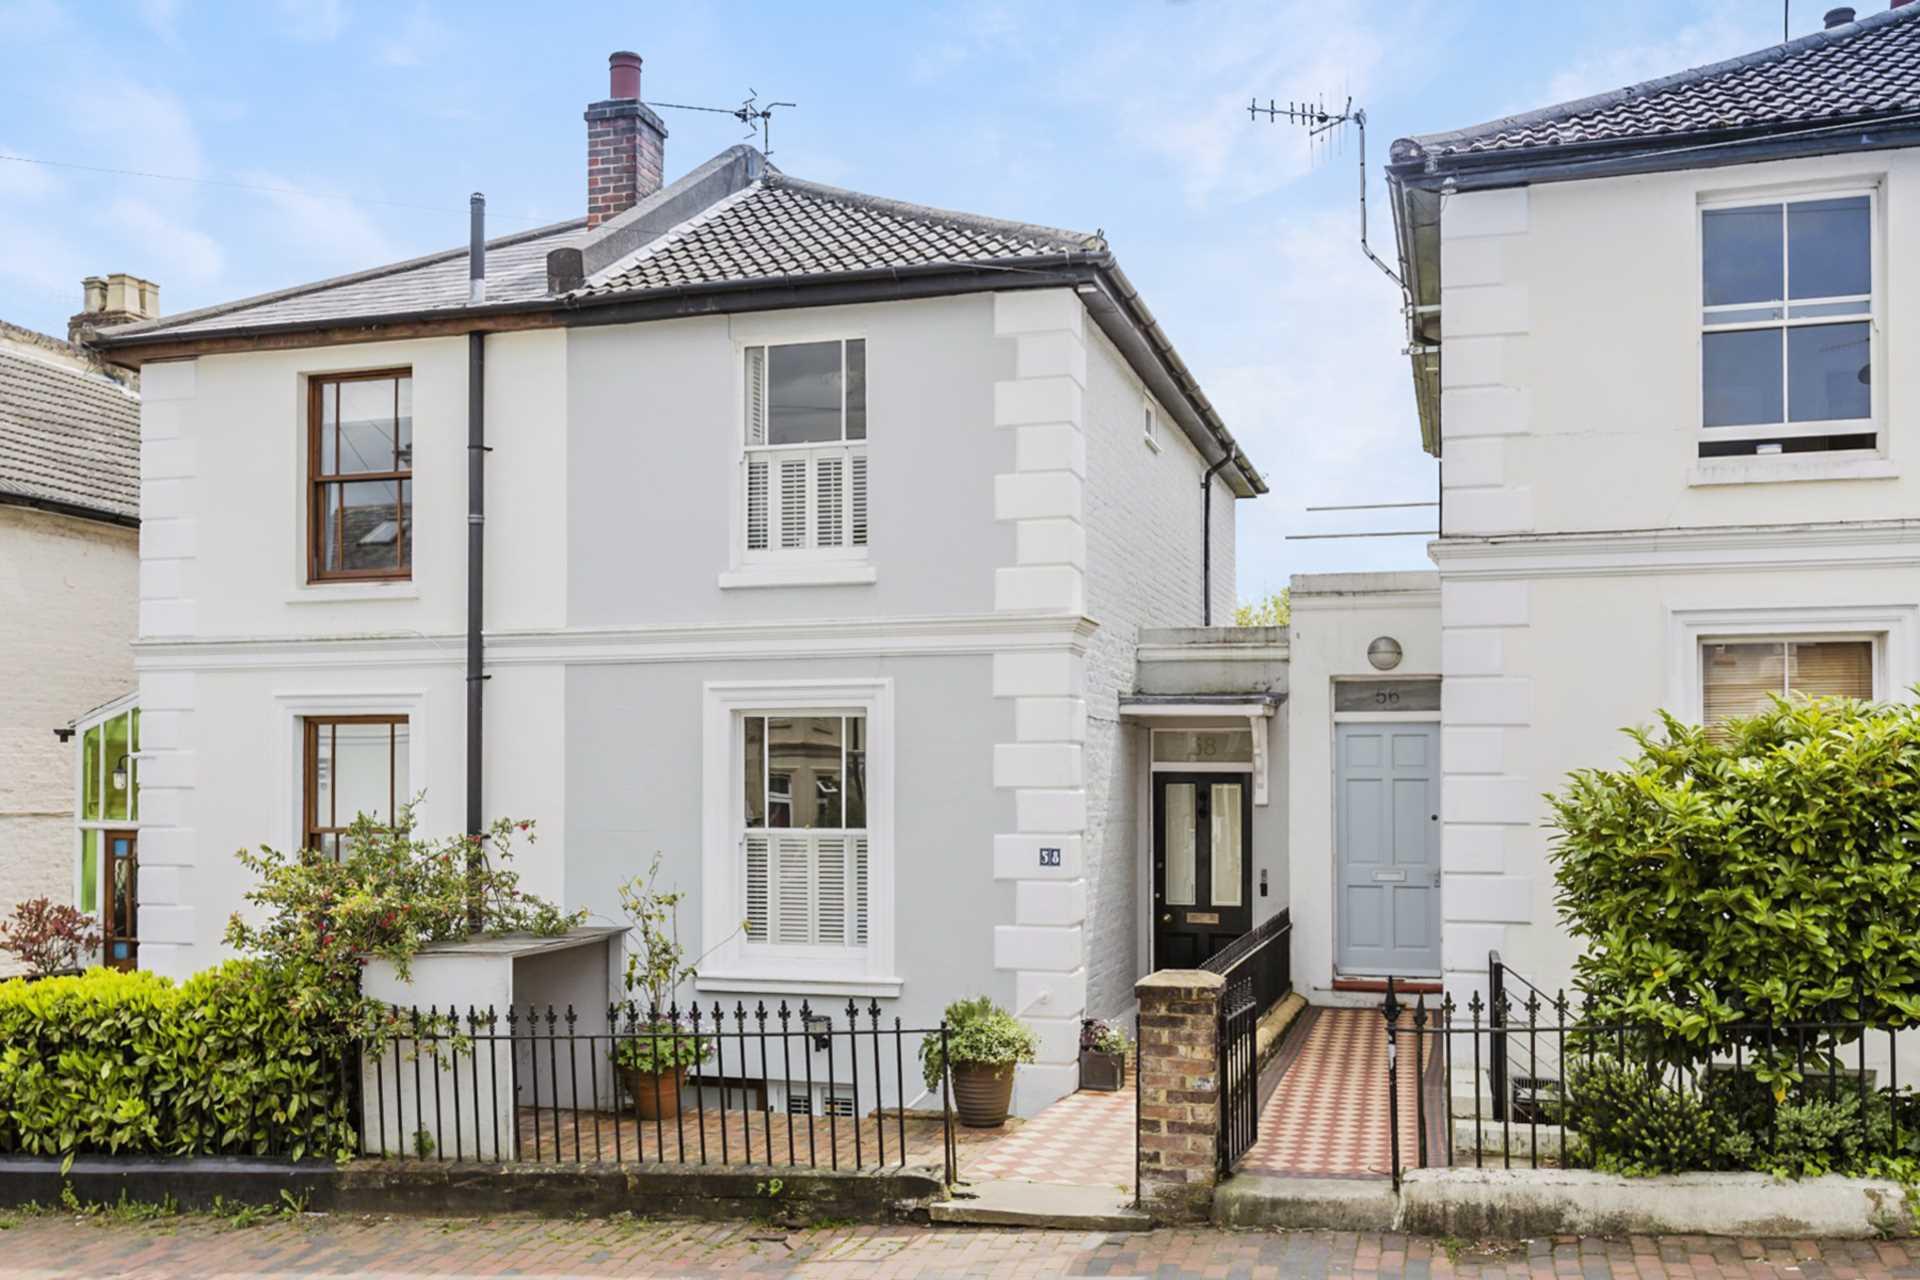 Queens Road, Tunbridge Wells, Image 1